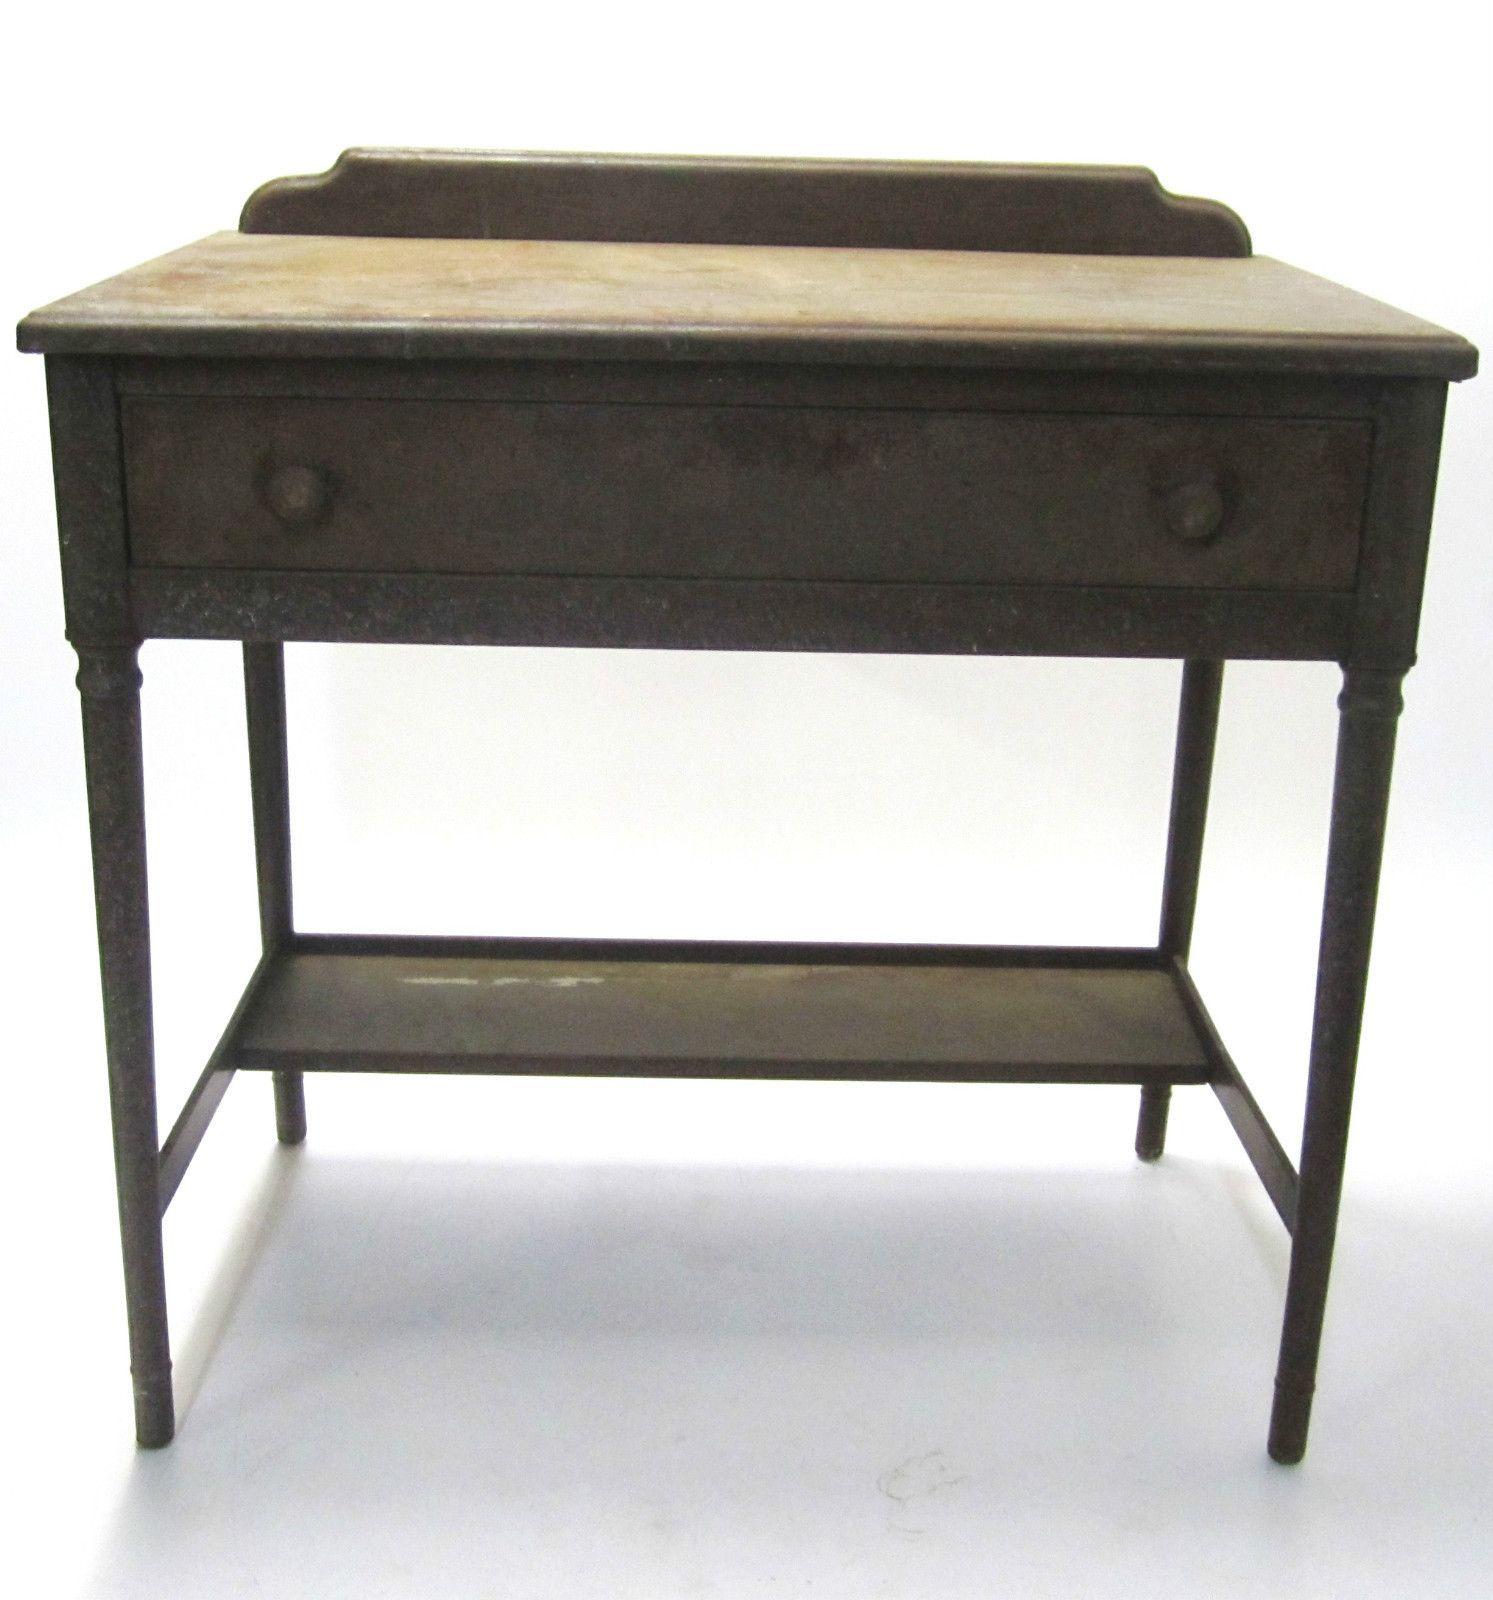 vintage industrial simmons metal side table. Vtg Antique 1920s 1930s Simmons Metal Wood Look Fireproof Furniture Desk Drawer Vintage Industrial Side Table